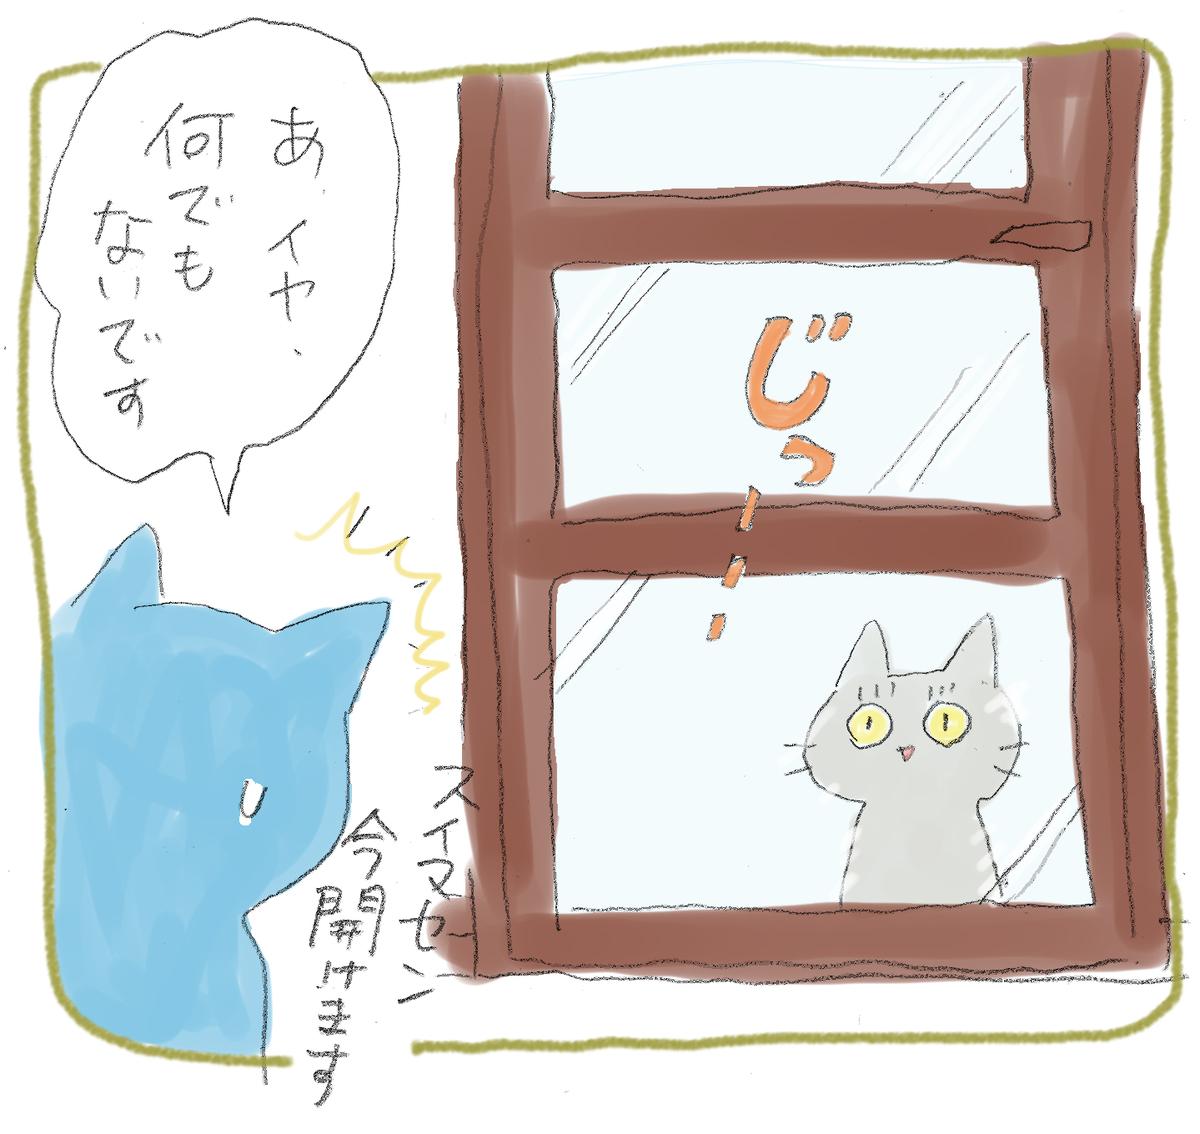 猫に気づいて、ガラス戸越しに、恥ずかしそうに何でもないと言い訳する後ろ姿